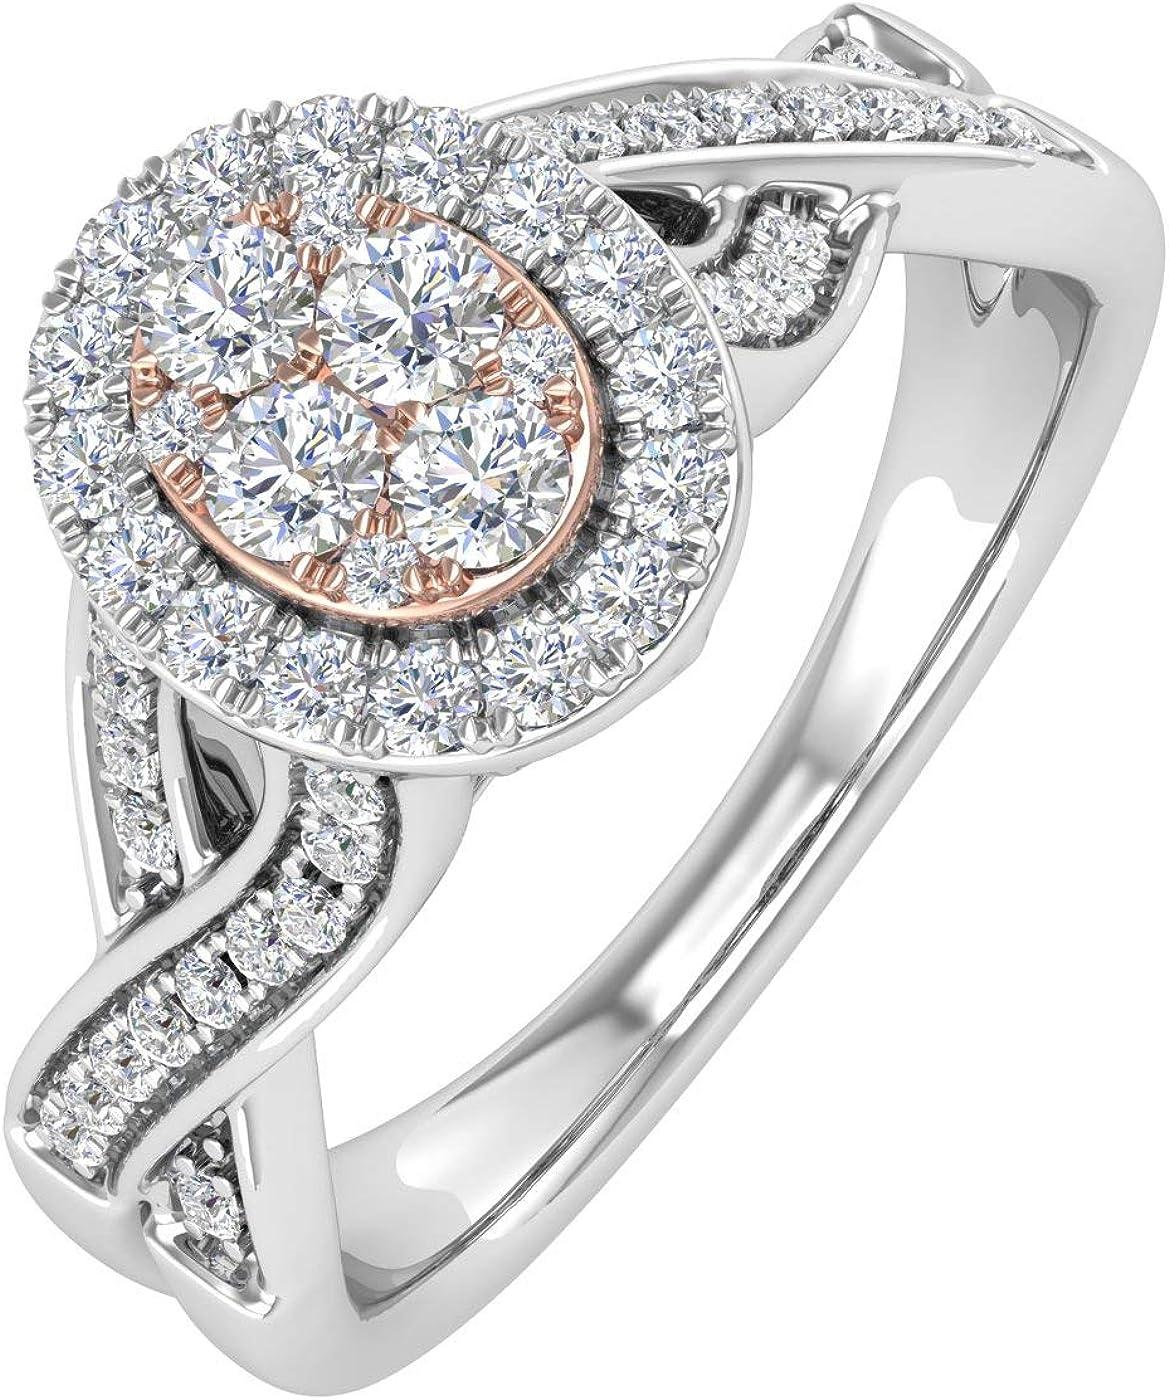 1/2 Carat Diamond Engagement Ring in 10K White Gold & Rose Gold (Ring Size 8.5)